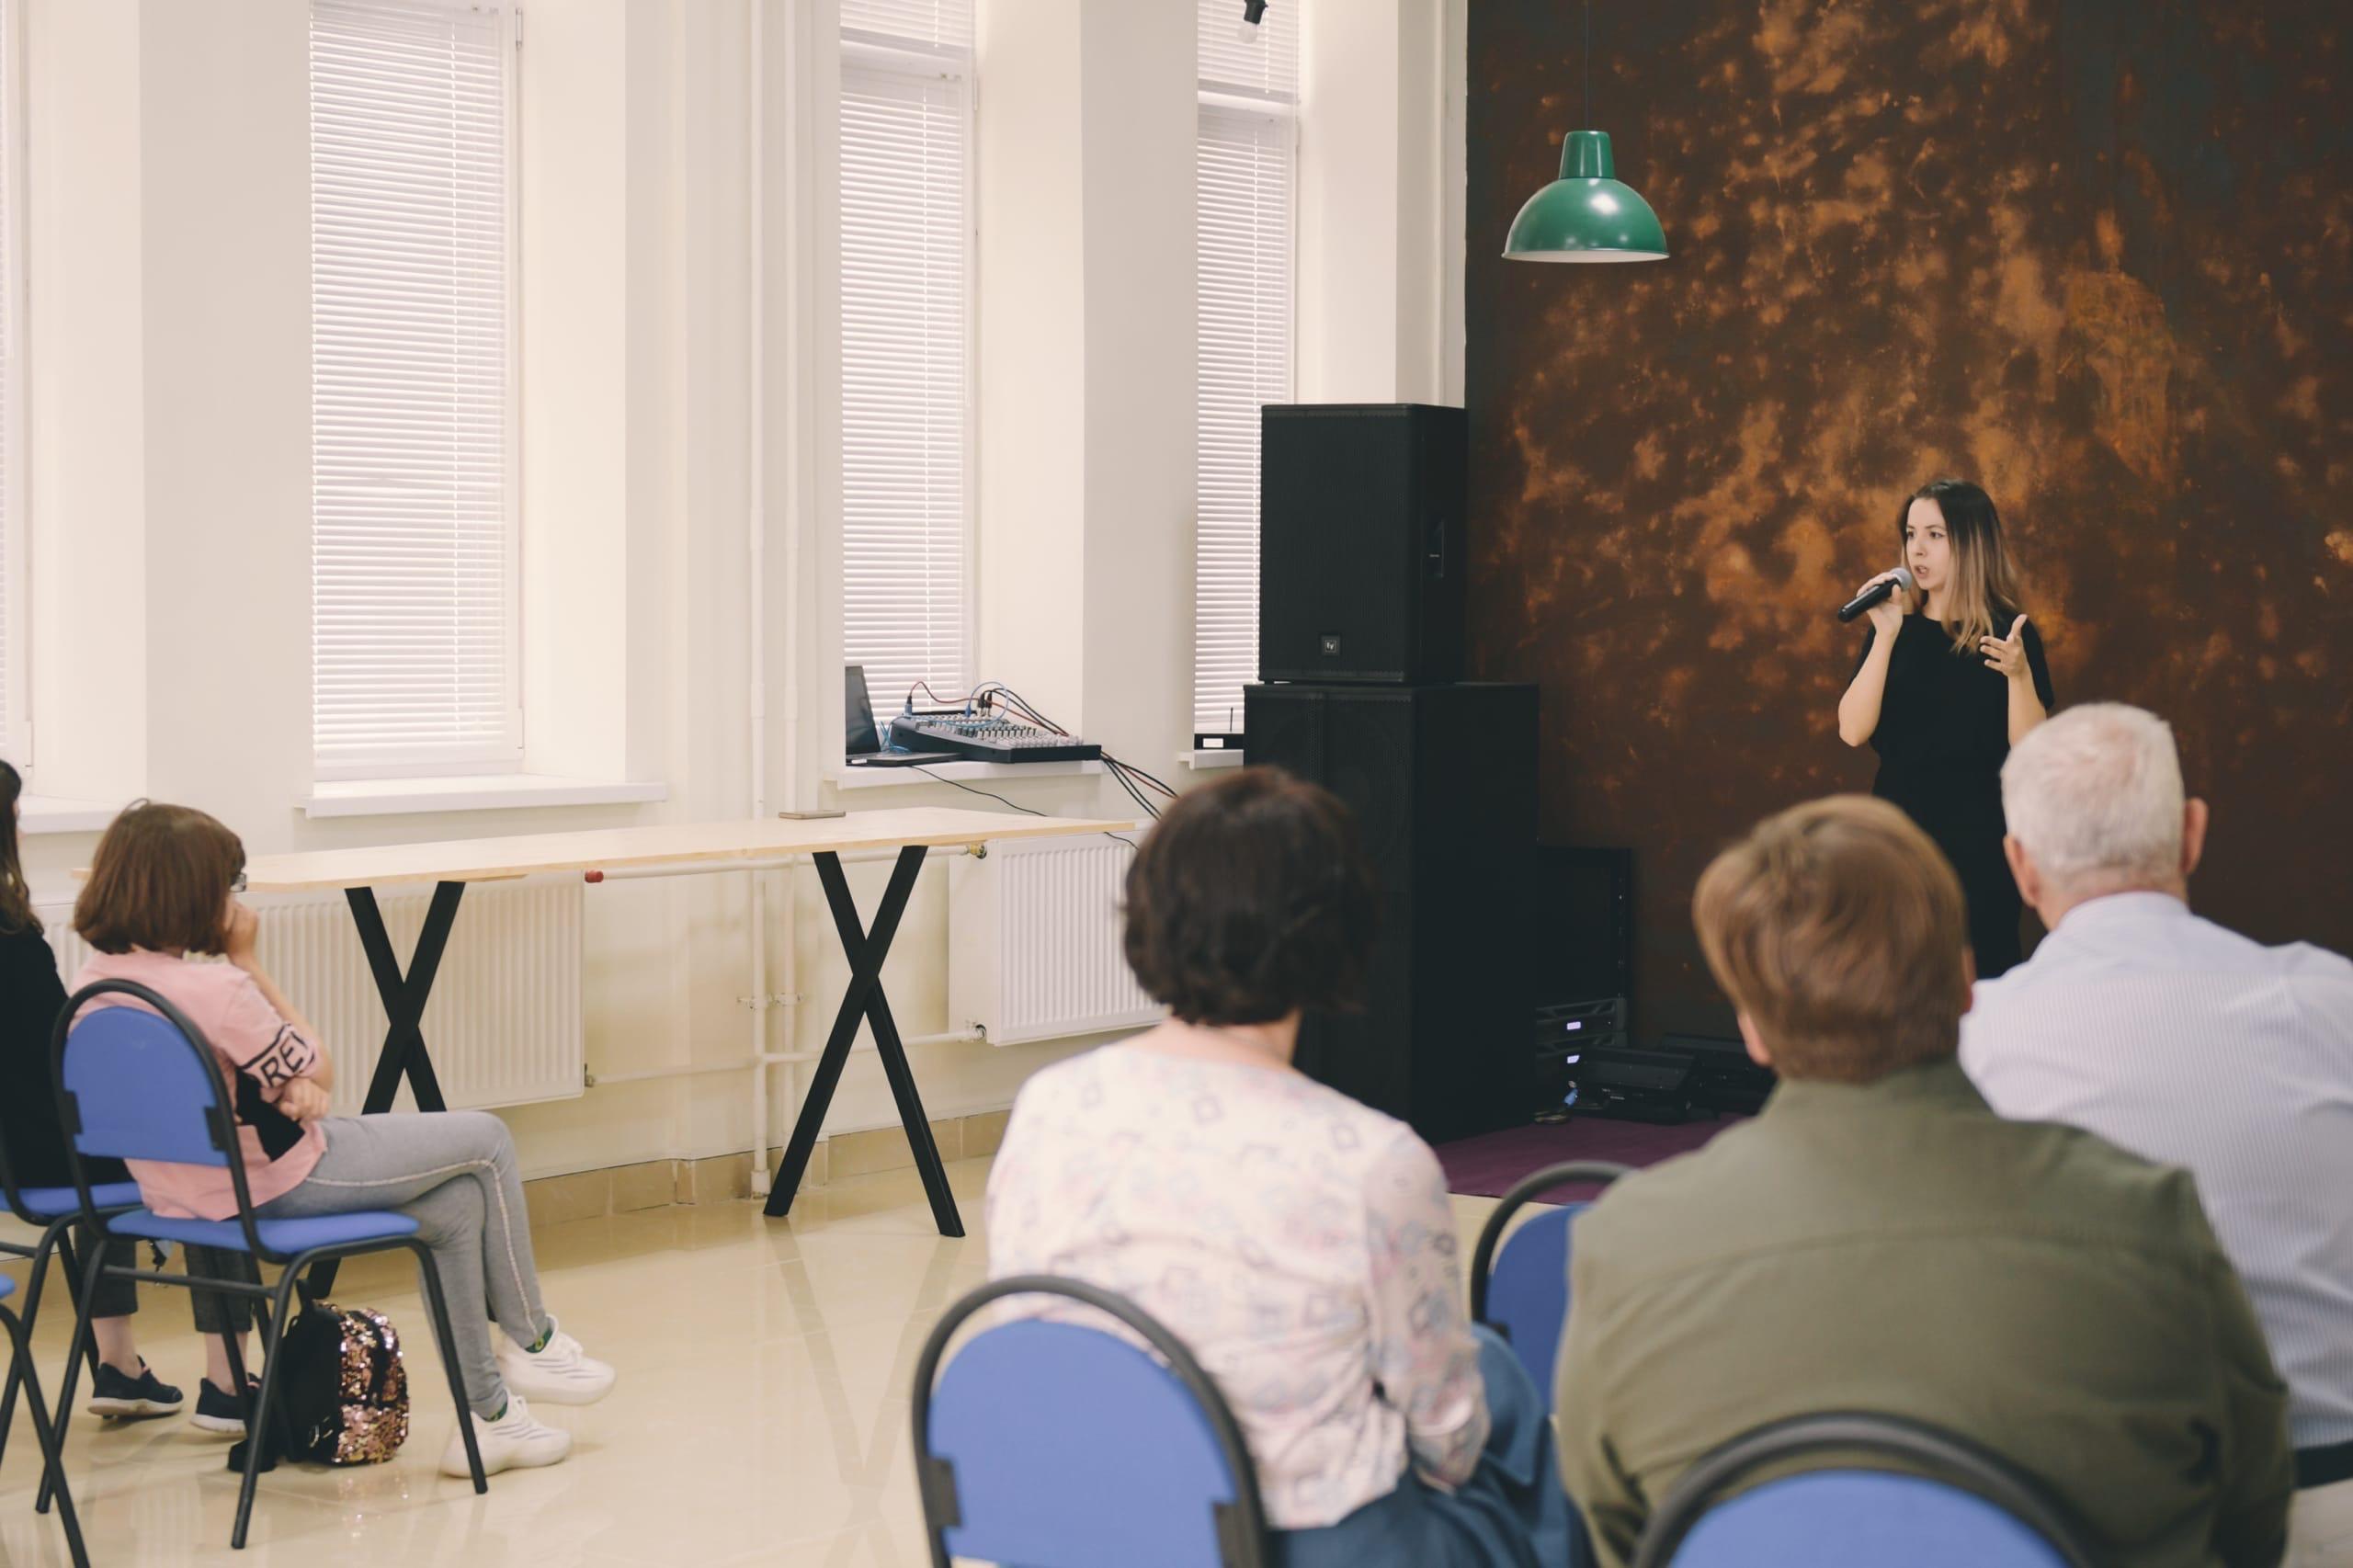 Мероприятие «Театральная терапия» организовали сотрудники Культурного центра «Киевский»